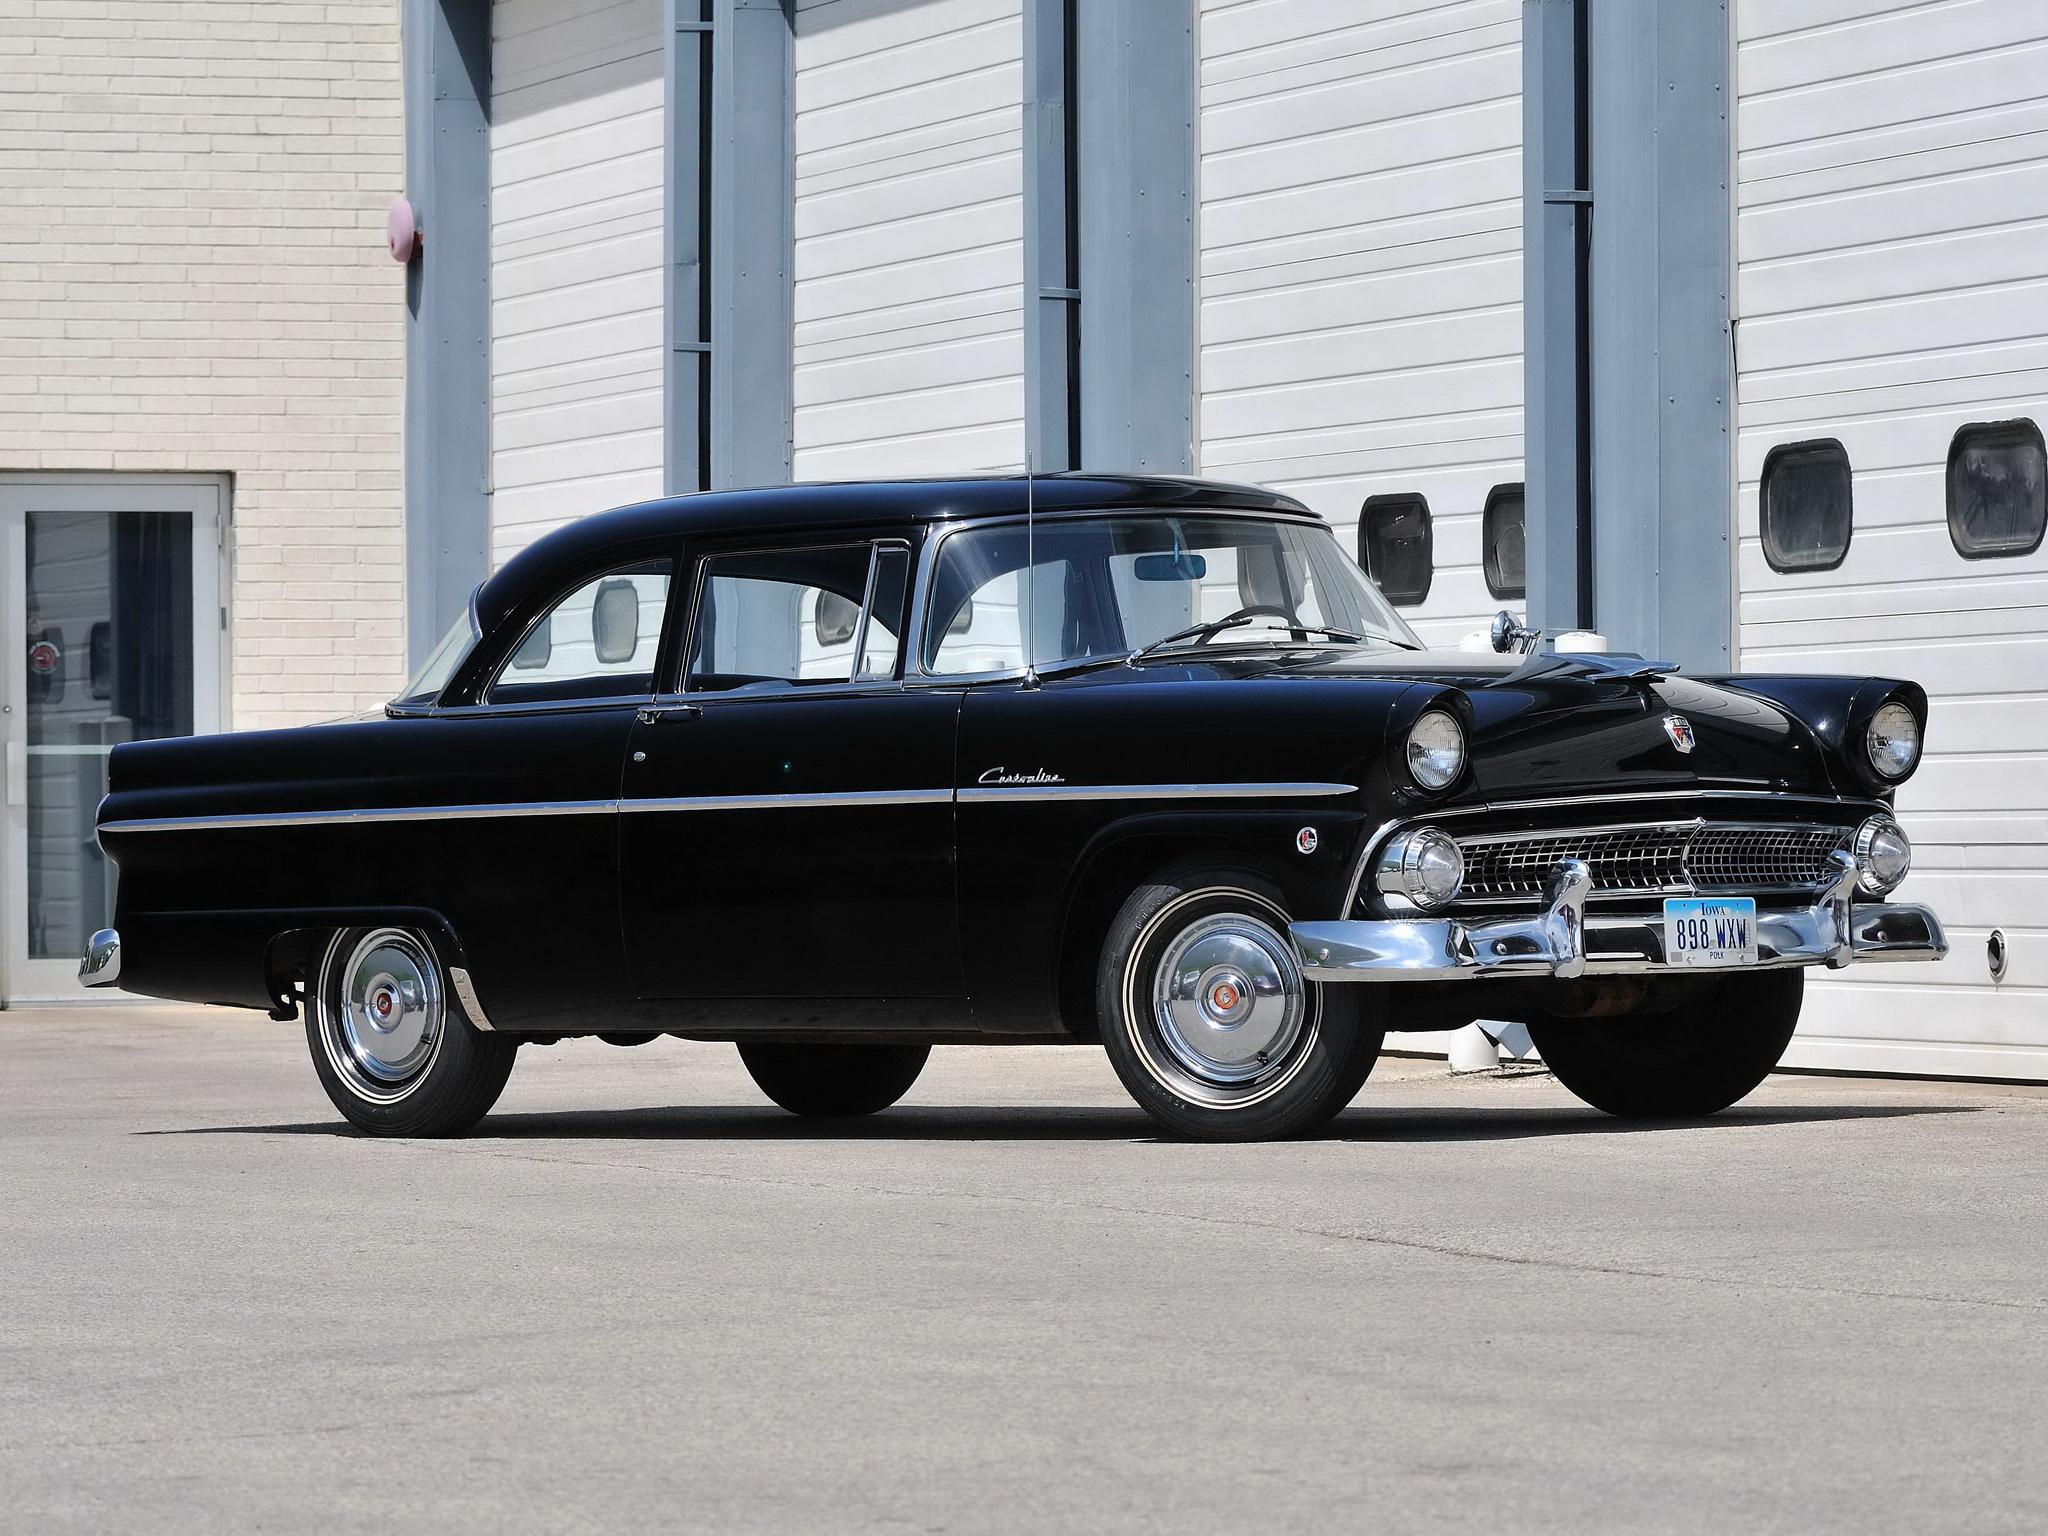 1955 ford customline 2 door sedan 70b retro f wallpaper for 1955 ford customline 2 door